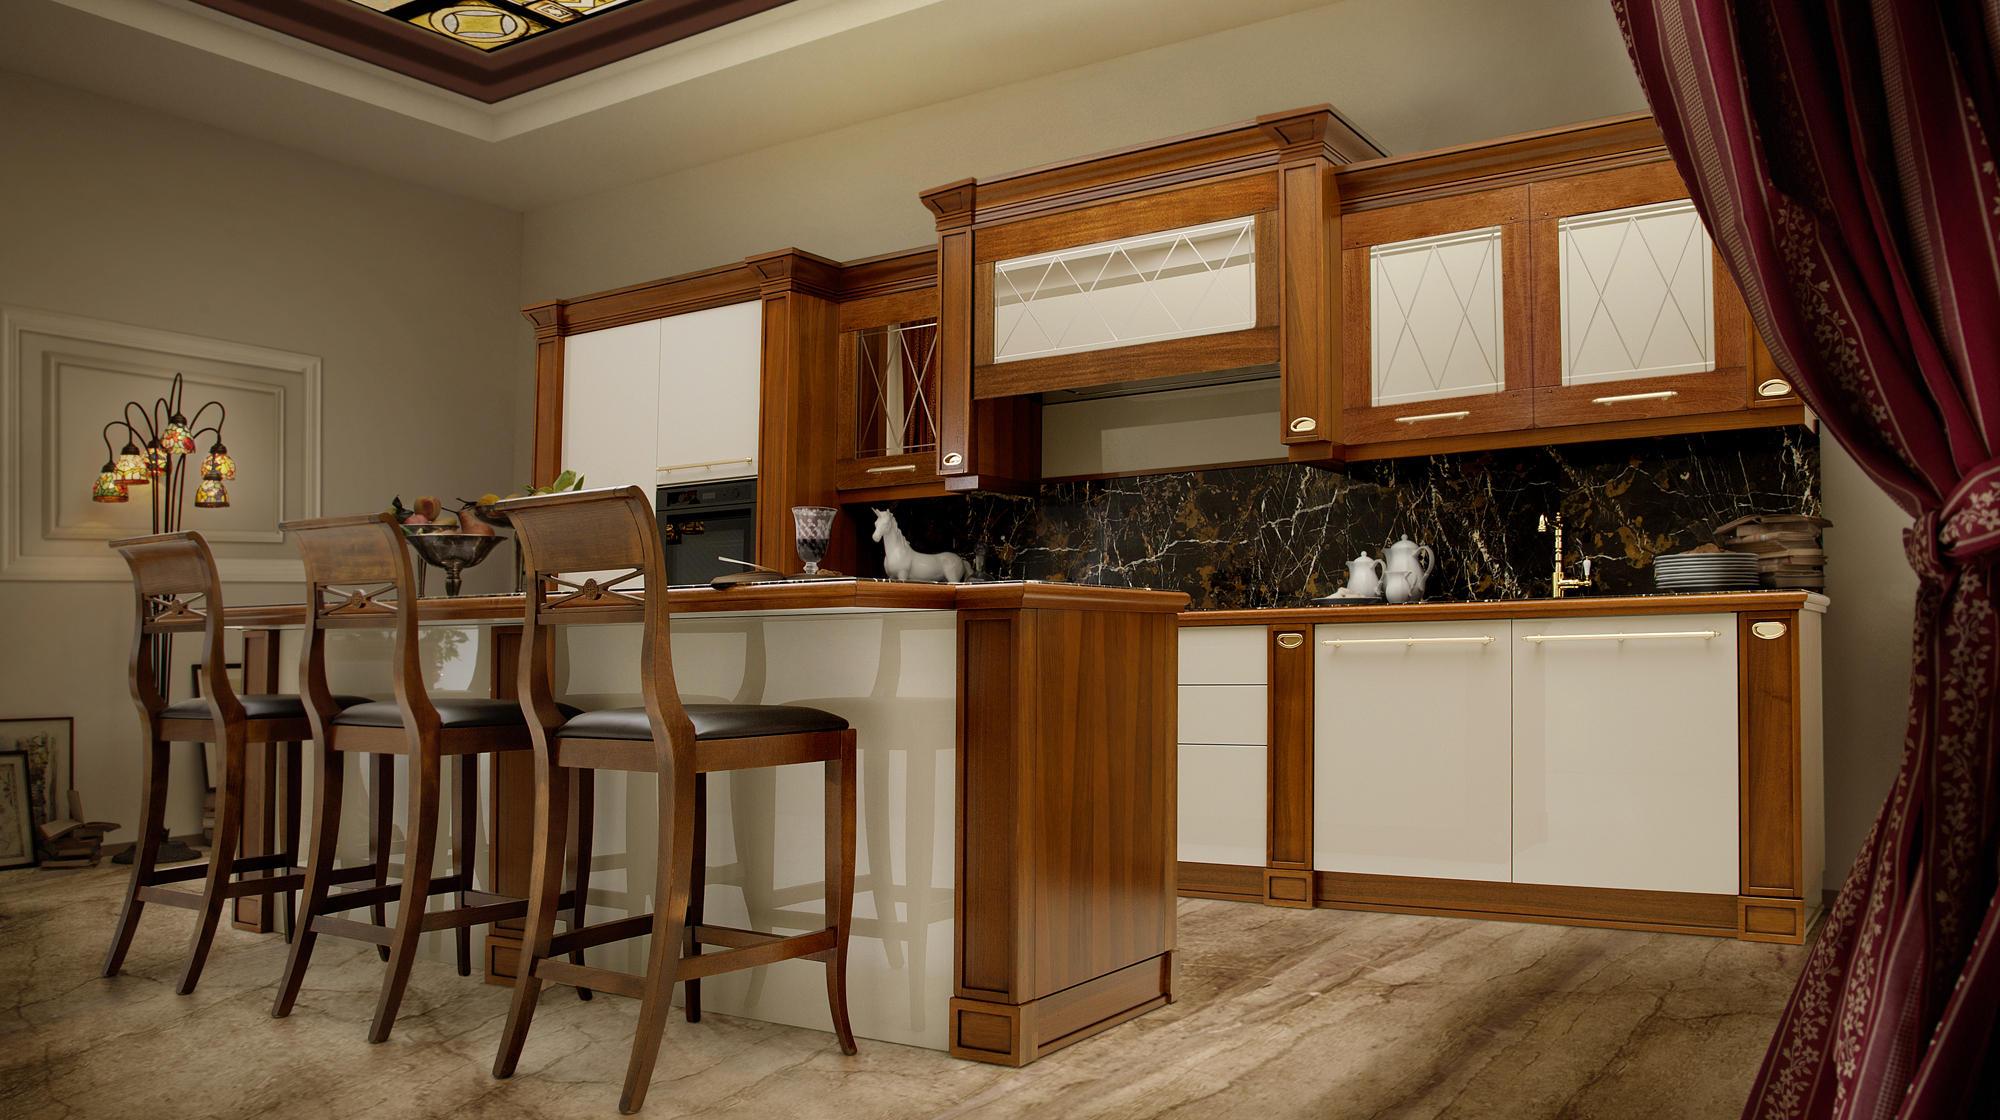 CA VENETA  Fitted kitchens from Veneta Cucine  Architonic